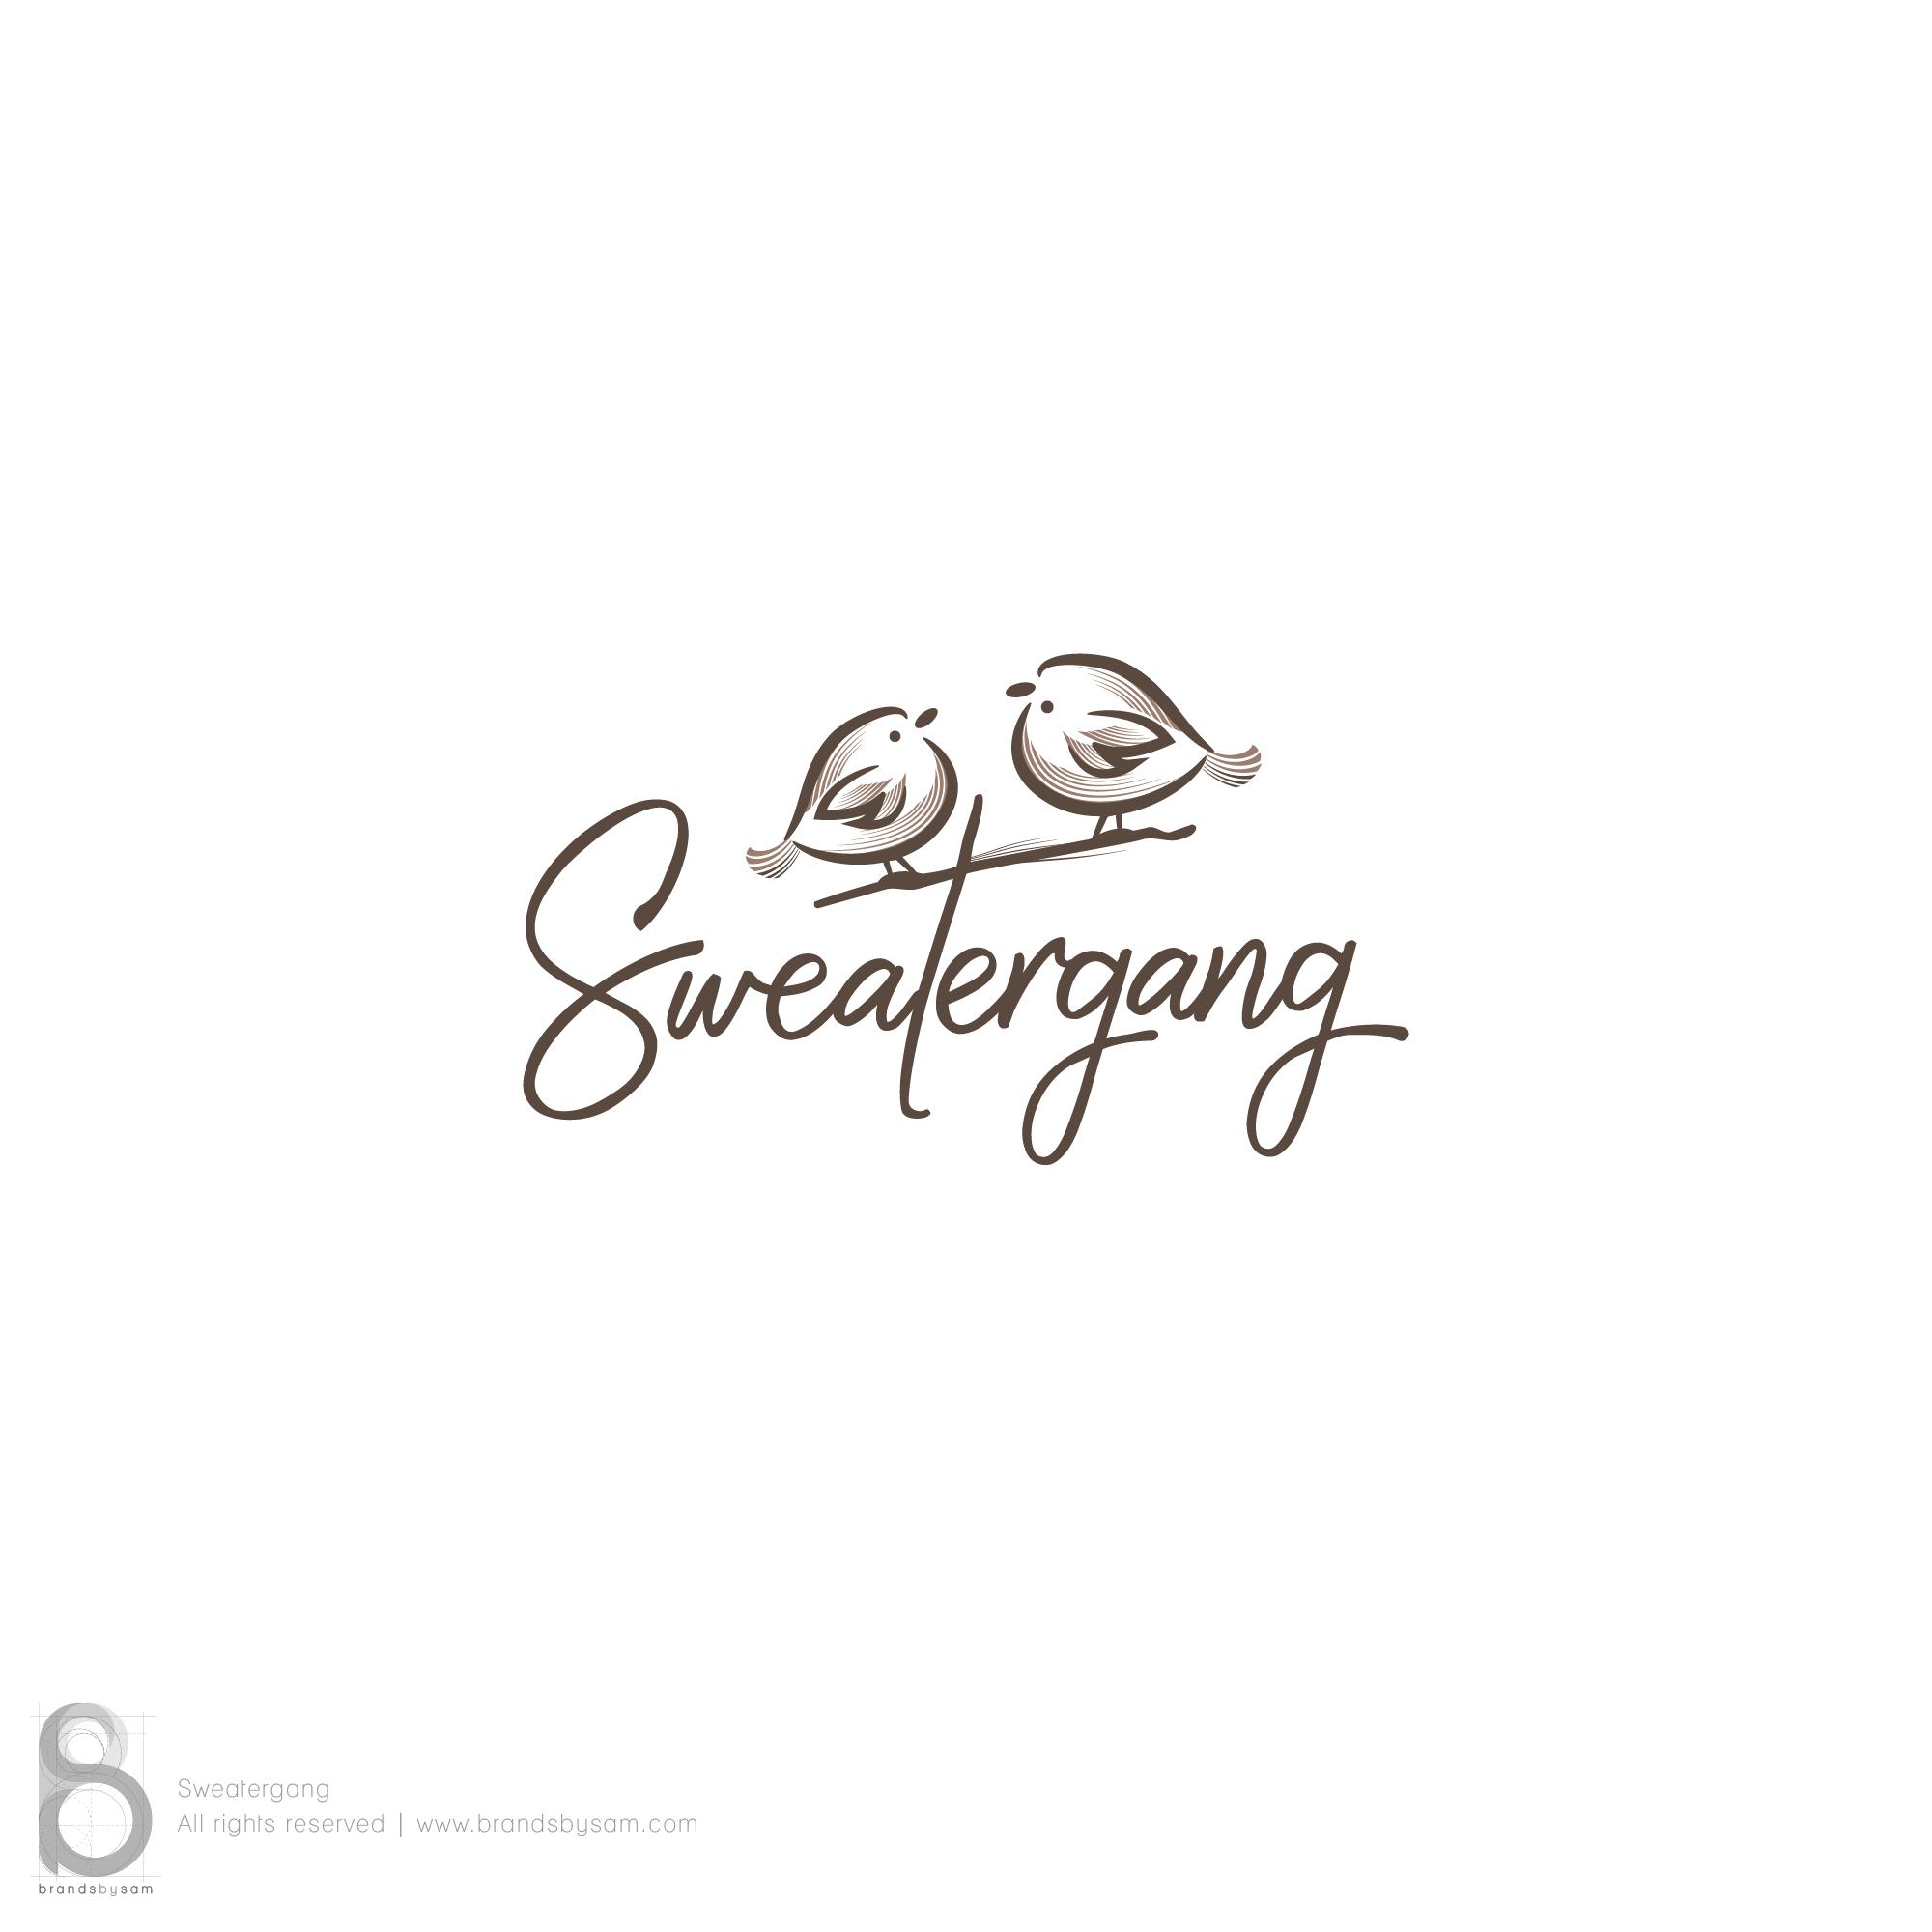 Sweatergang logo